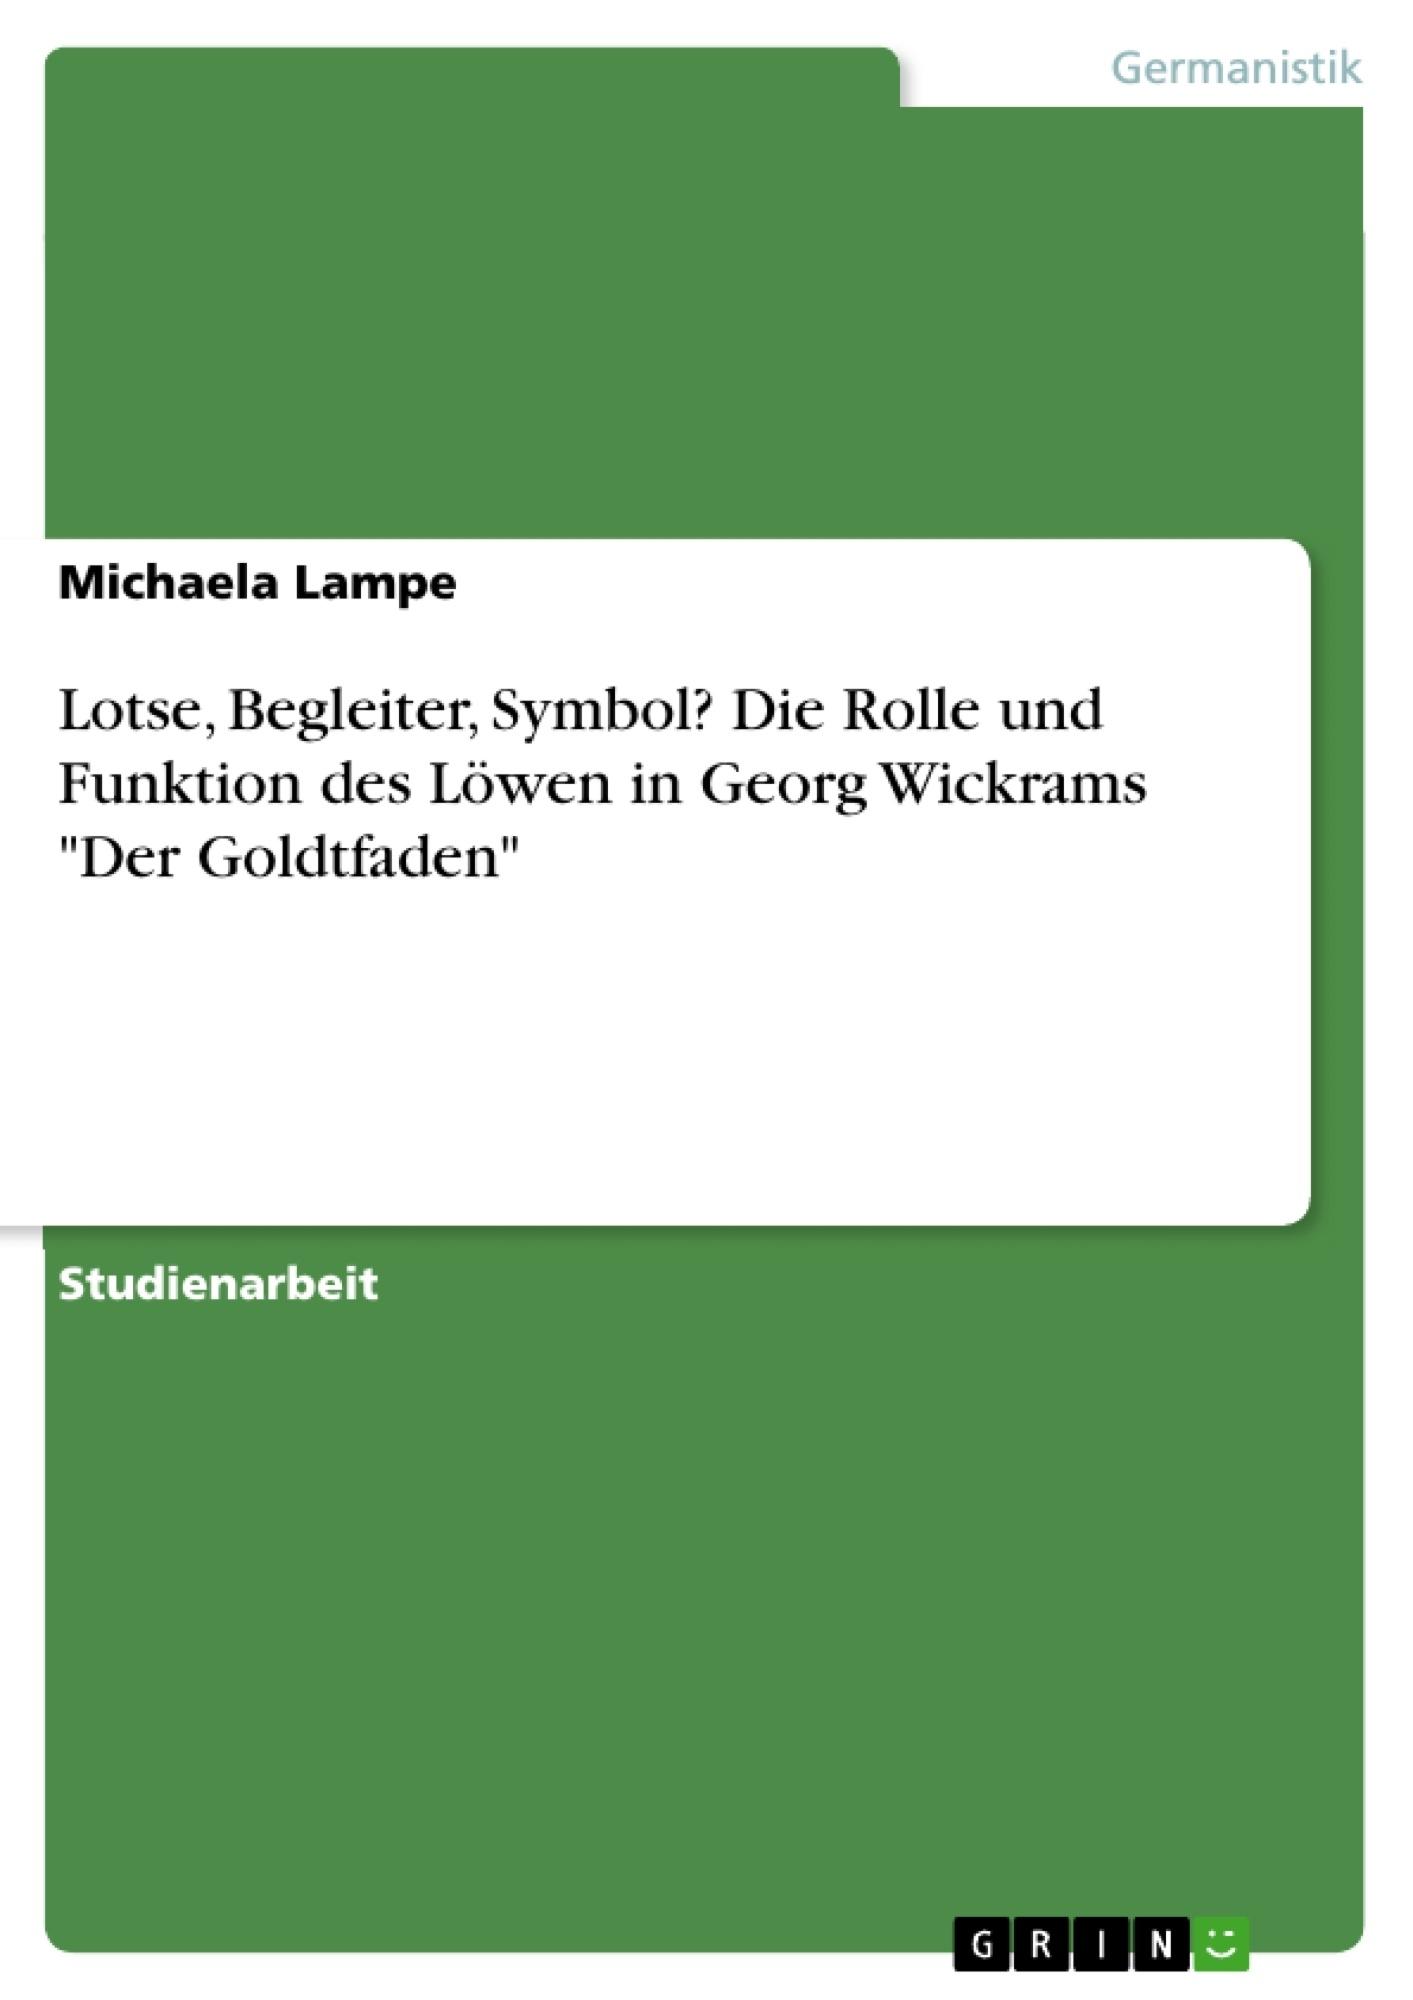 """Titel: Lotse, Begleiter, Symbol? Die Rolle und Funktion des Löwen in Georg Wickrams """"Der Goldtfaden"""""""